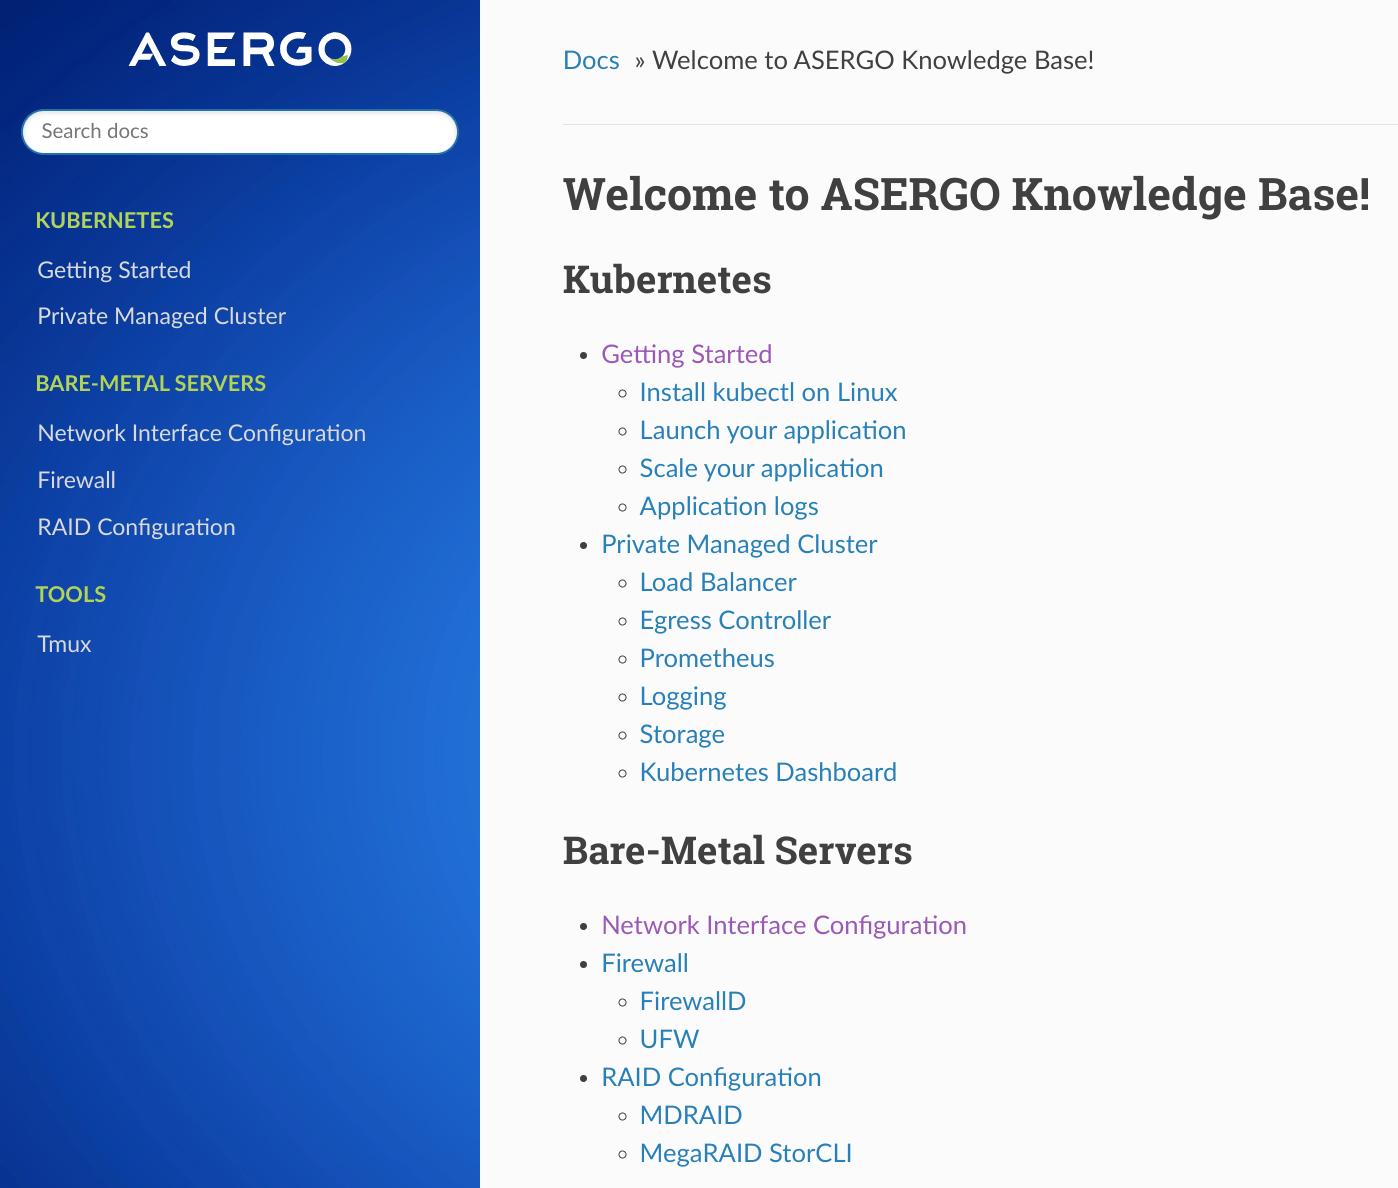 ASERGO